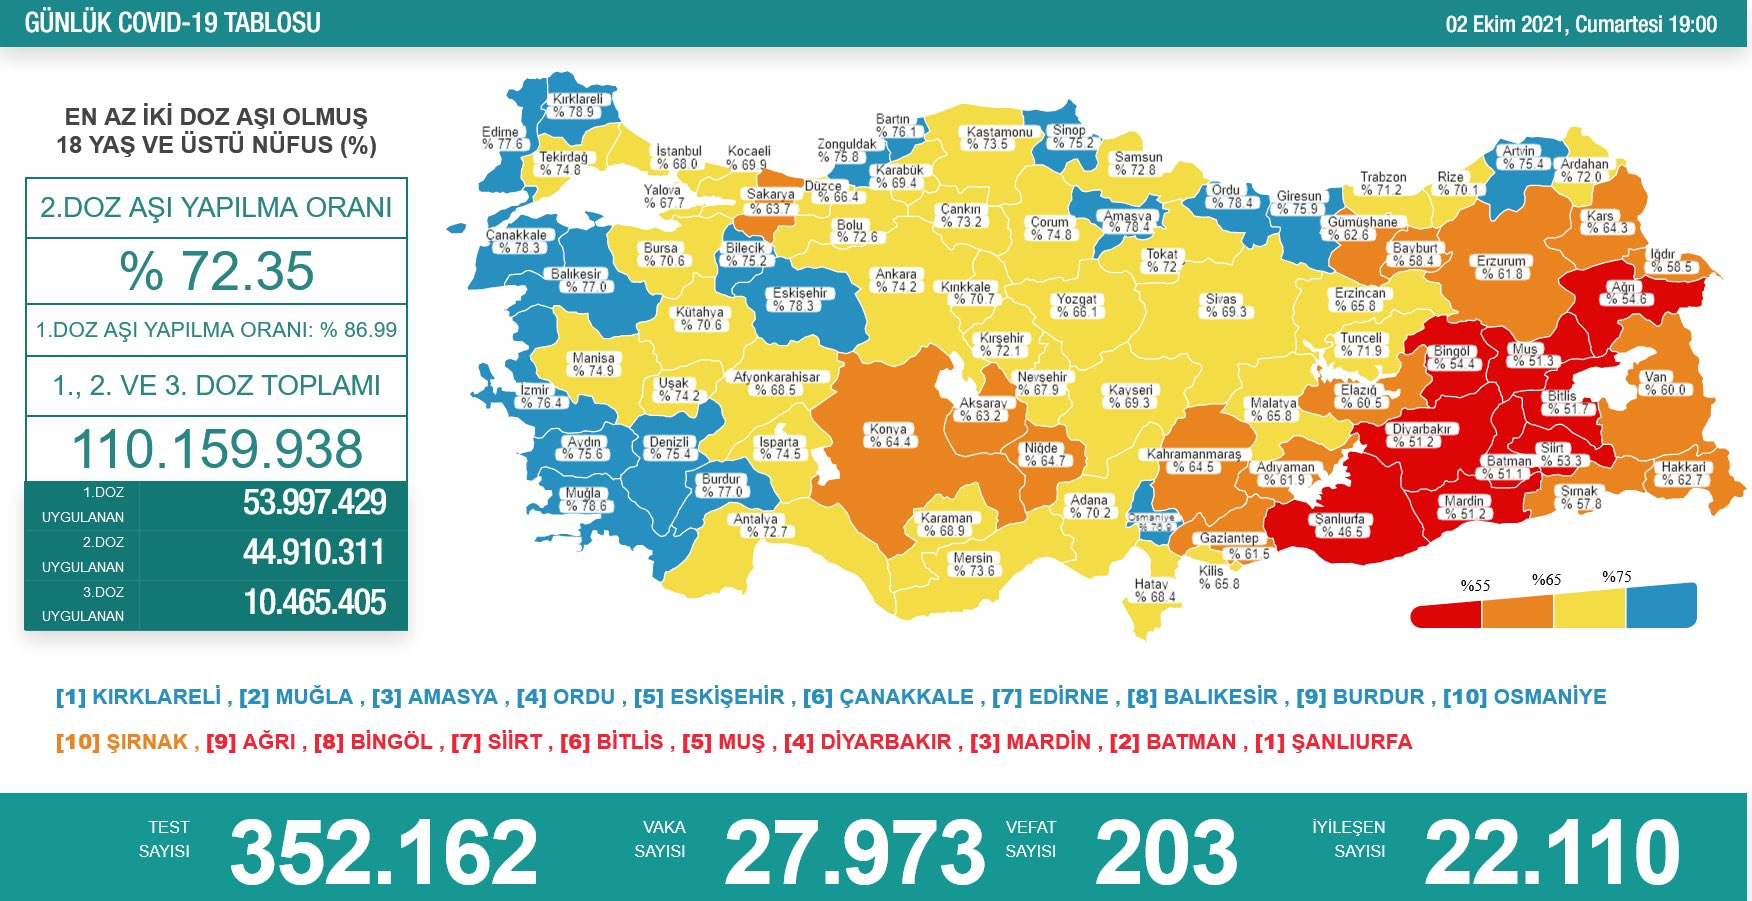 Sağlık Bakanlığı 2 Ekim 2021 Türkiye Koronavirüs Tablosu Açıkladı